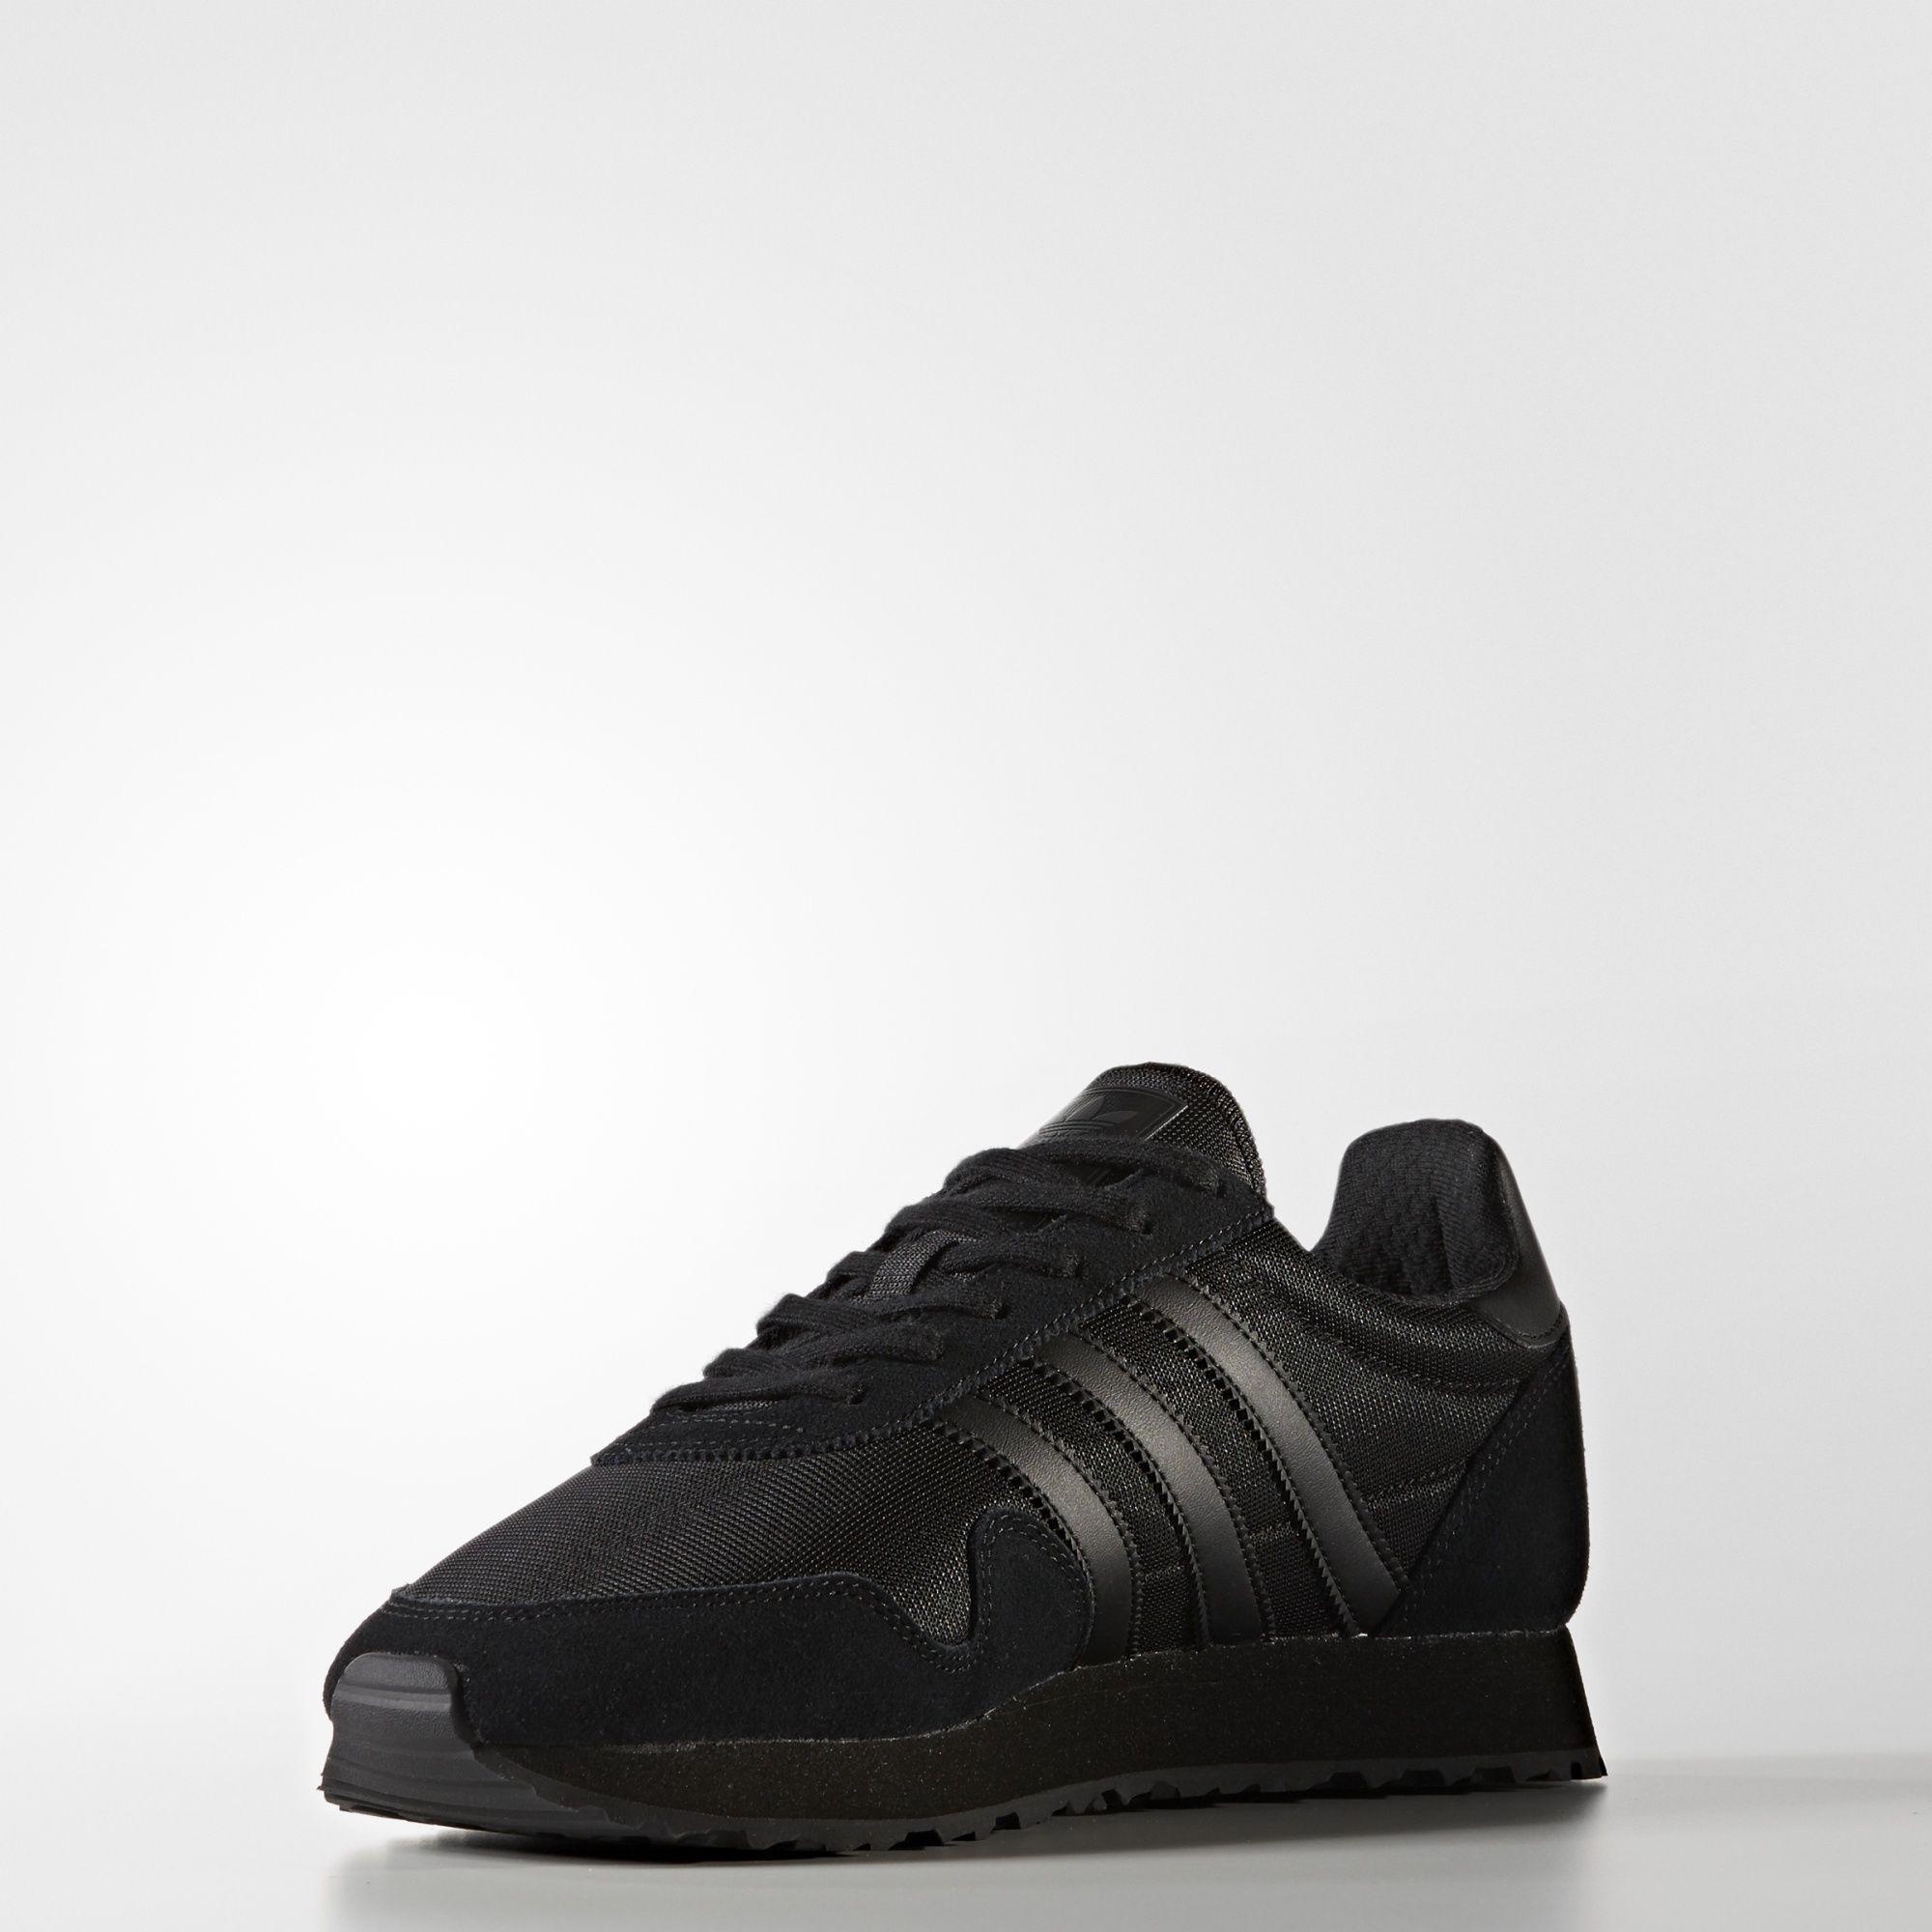 adidas haven hombres zapatillas